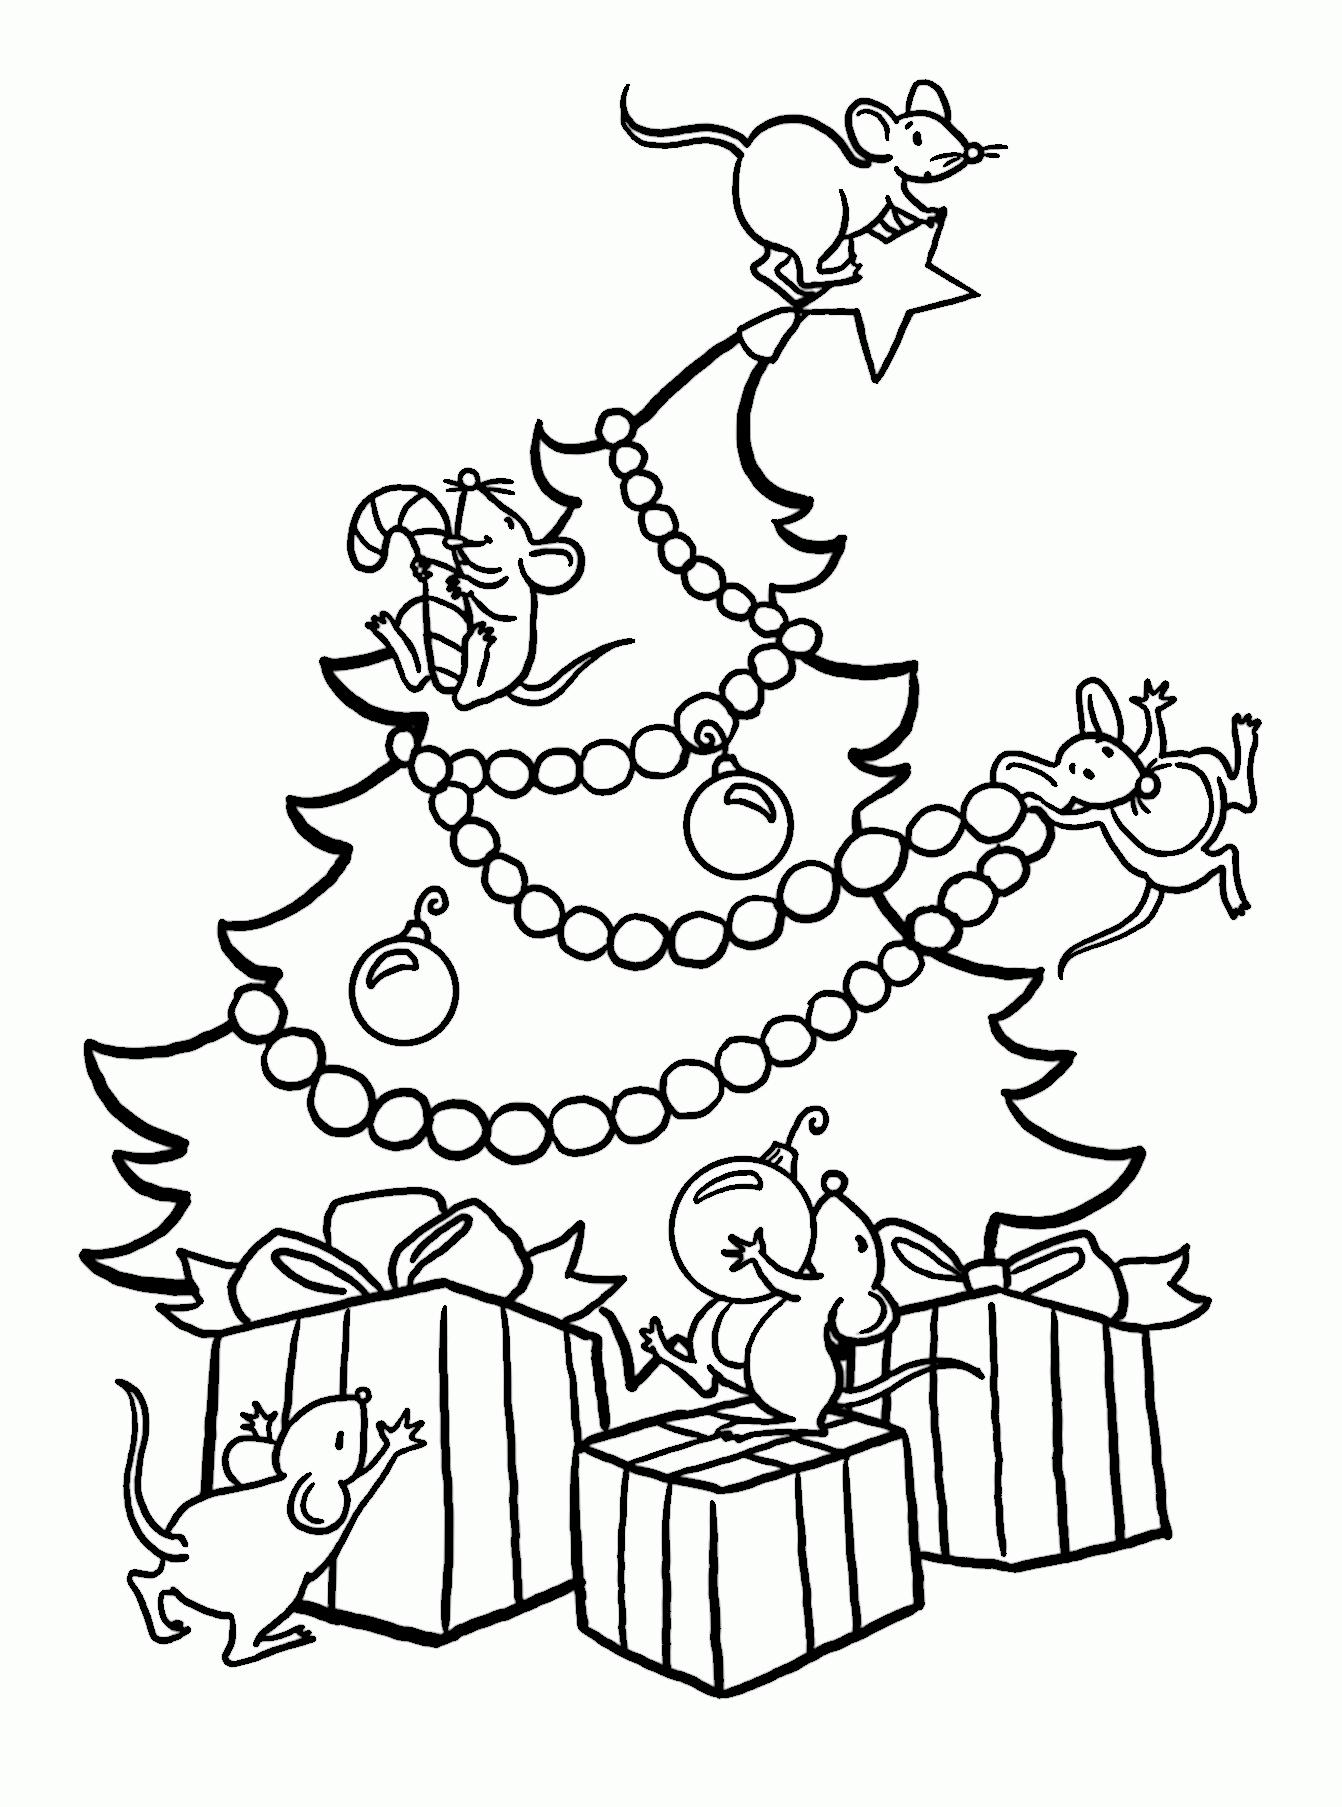 Dibujos De Navidad Fáciles De Colorear Para Niños Paraniñosorg